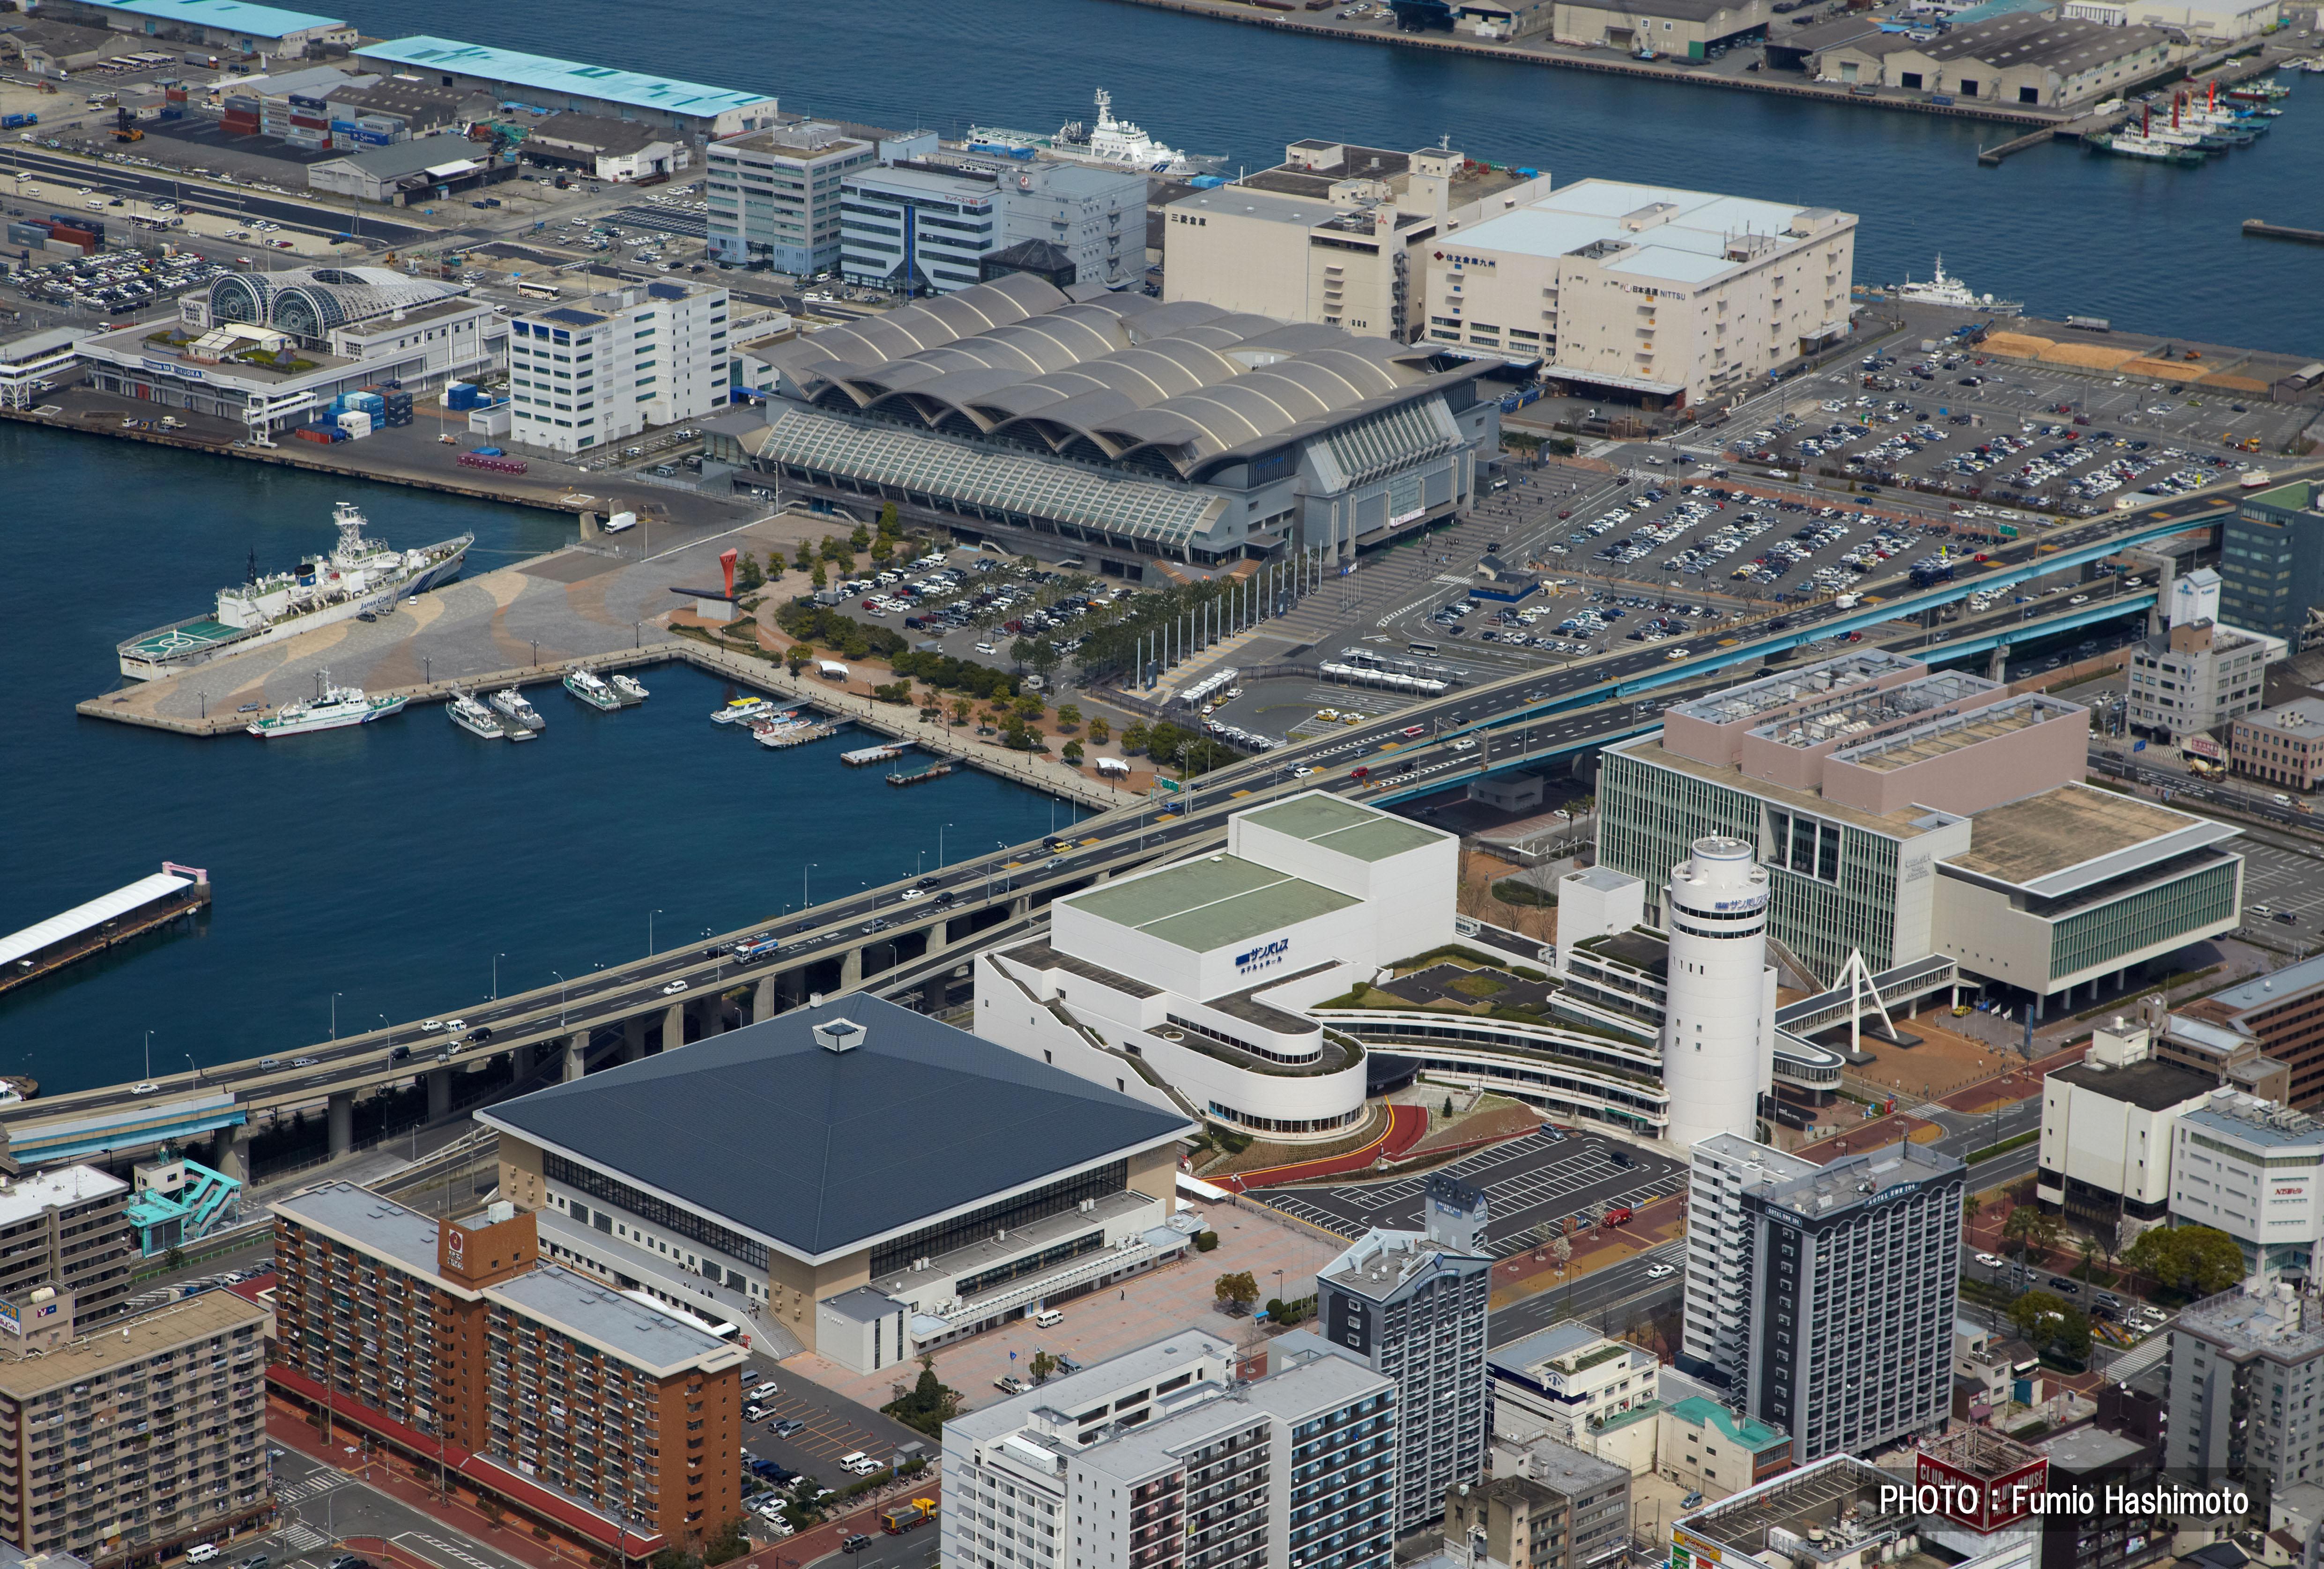 博多港・コンベンション施設ゾーン(2009)の画像